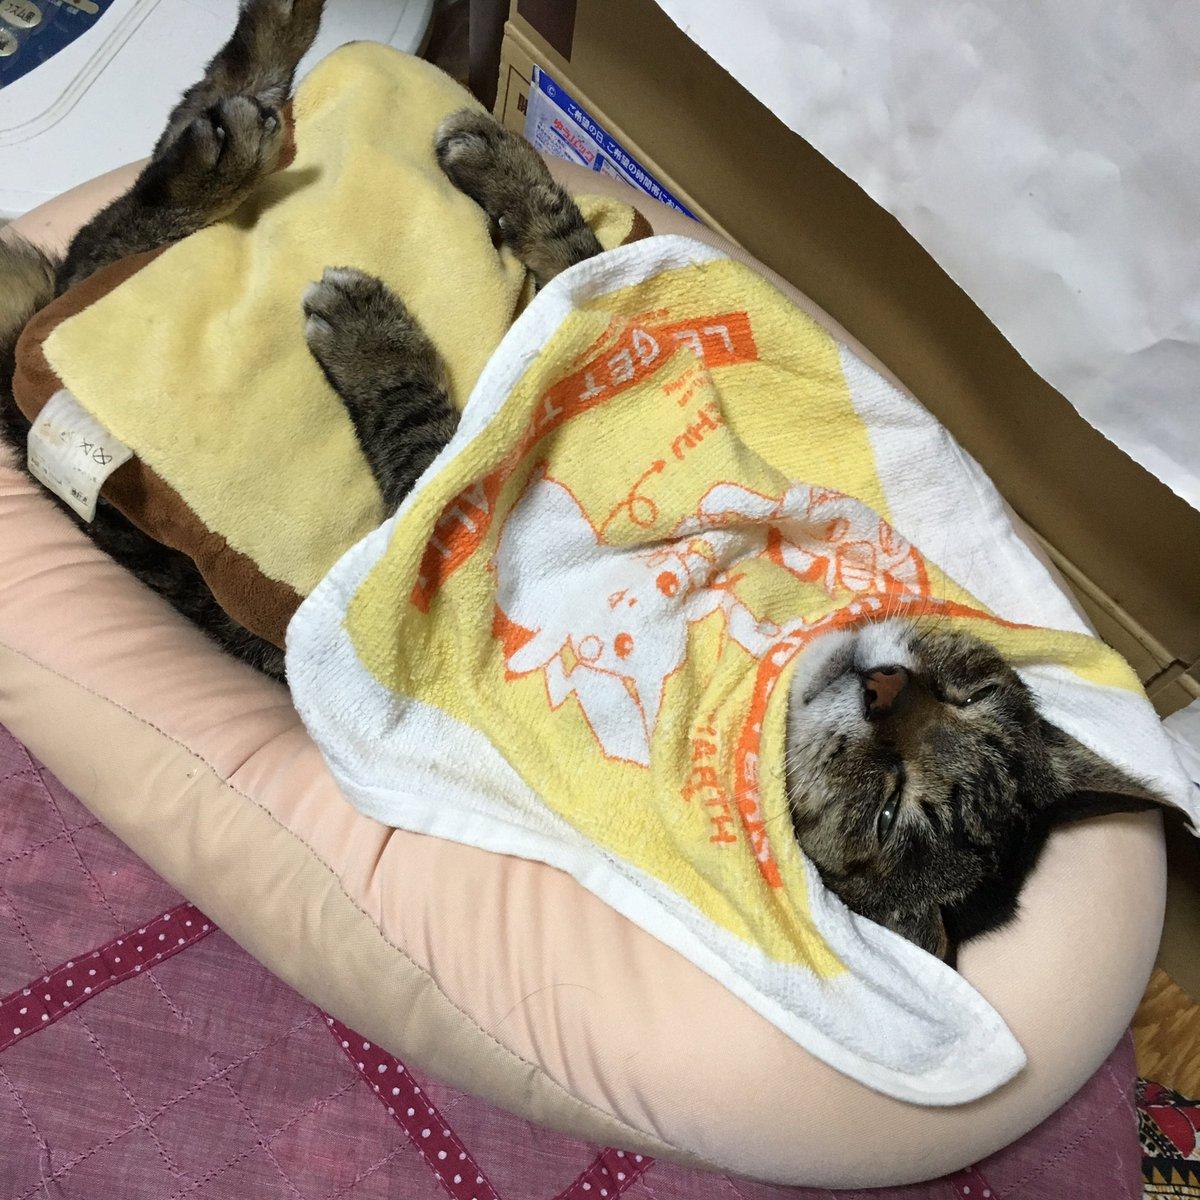 最近、うちで爺猫をダメにするクッションが発見されたらしい。 この格好じゃないと寝ないぞブームらしくと…